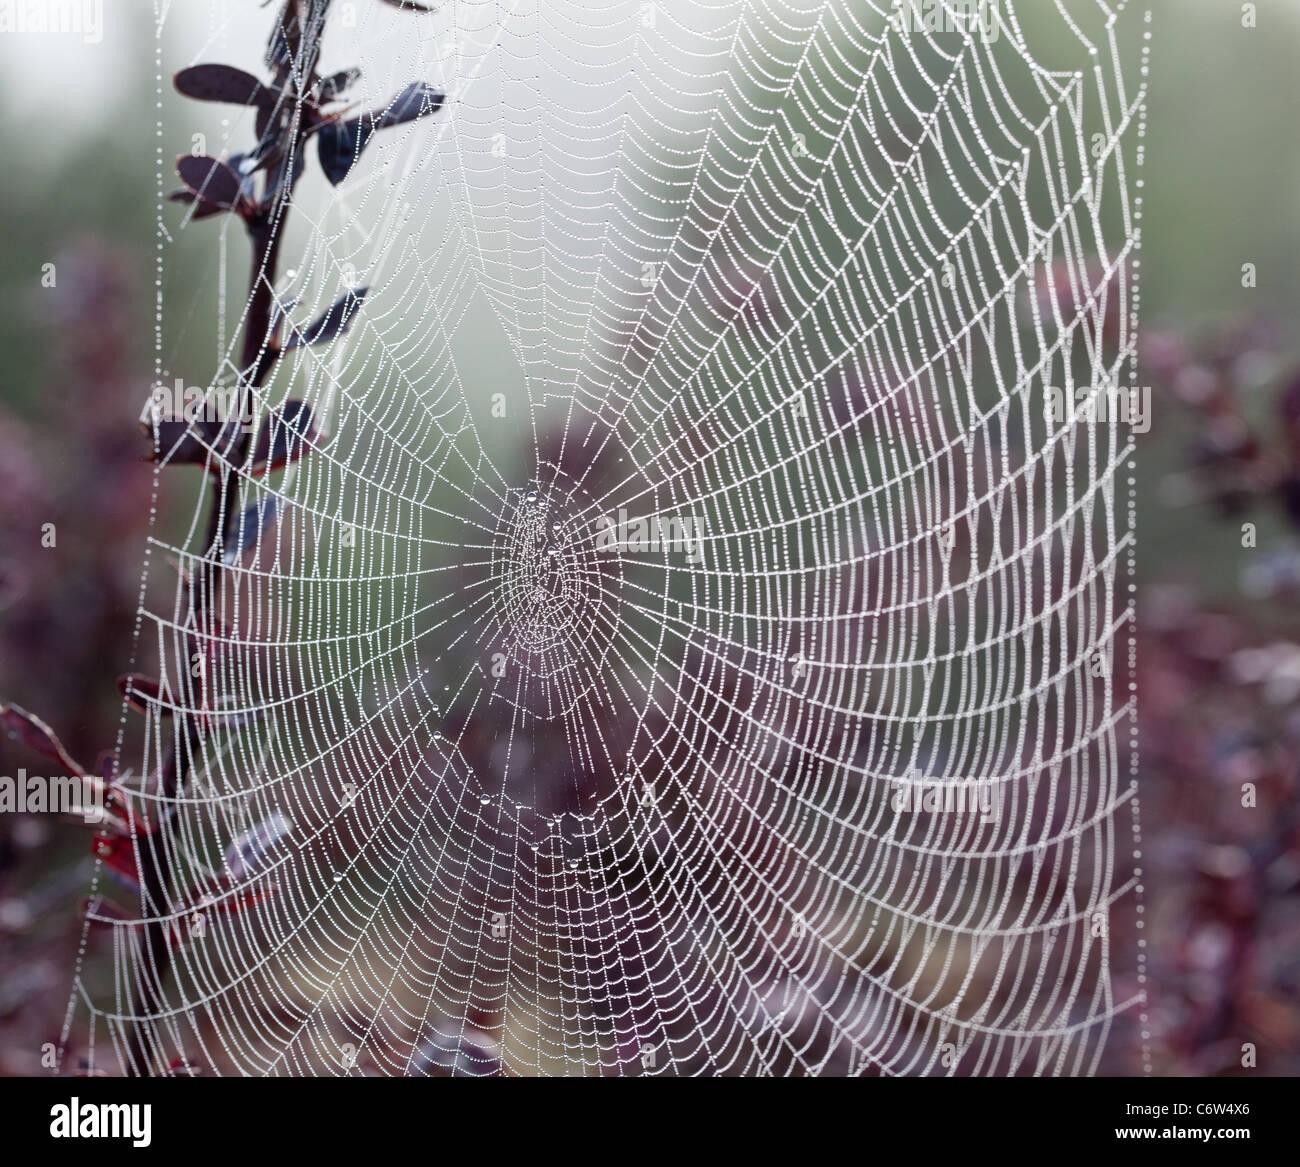 Gotas de rocío en los hilos de una tela de araña Imagen De Stock